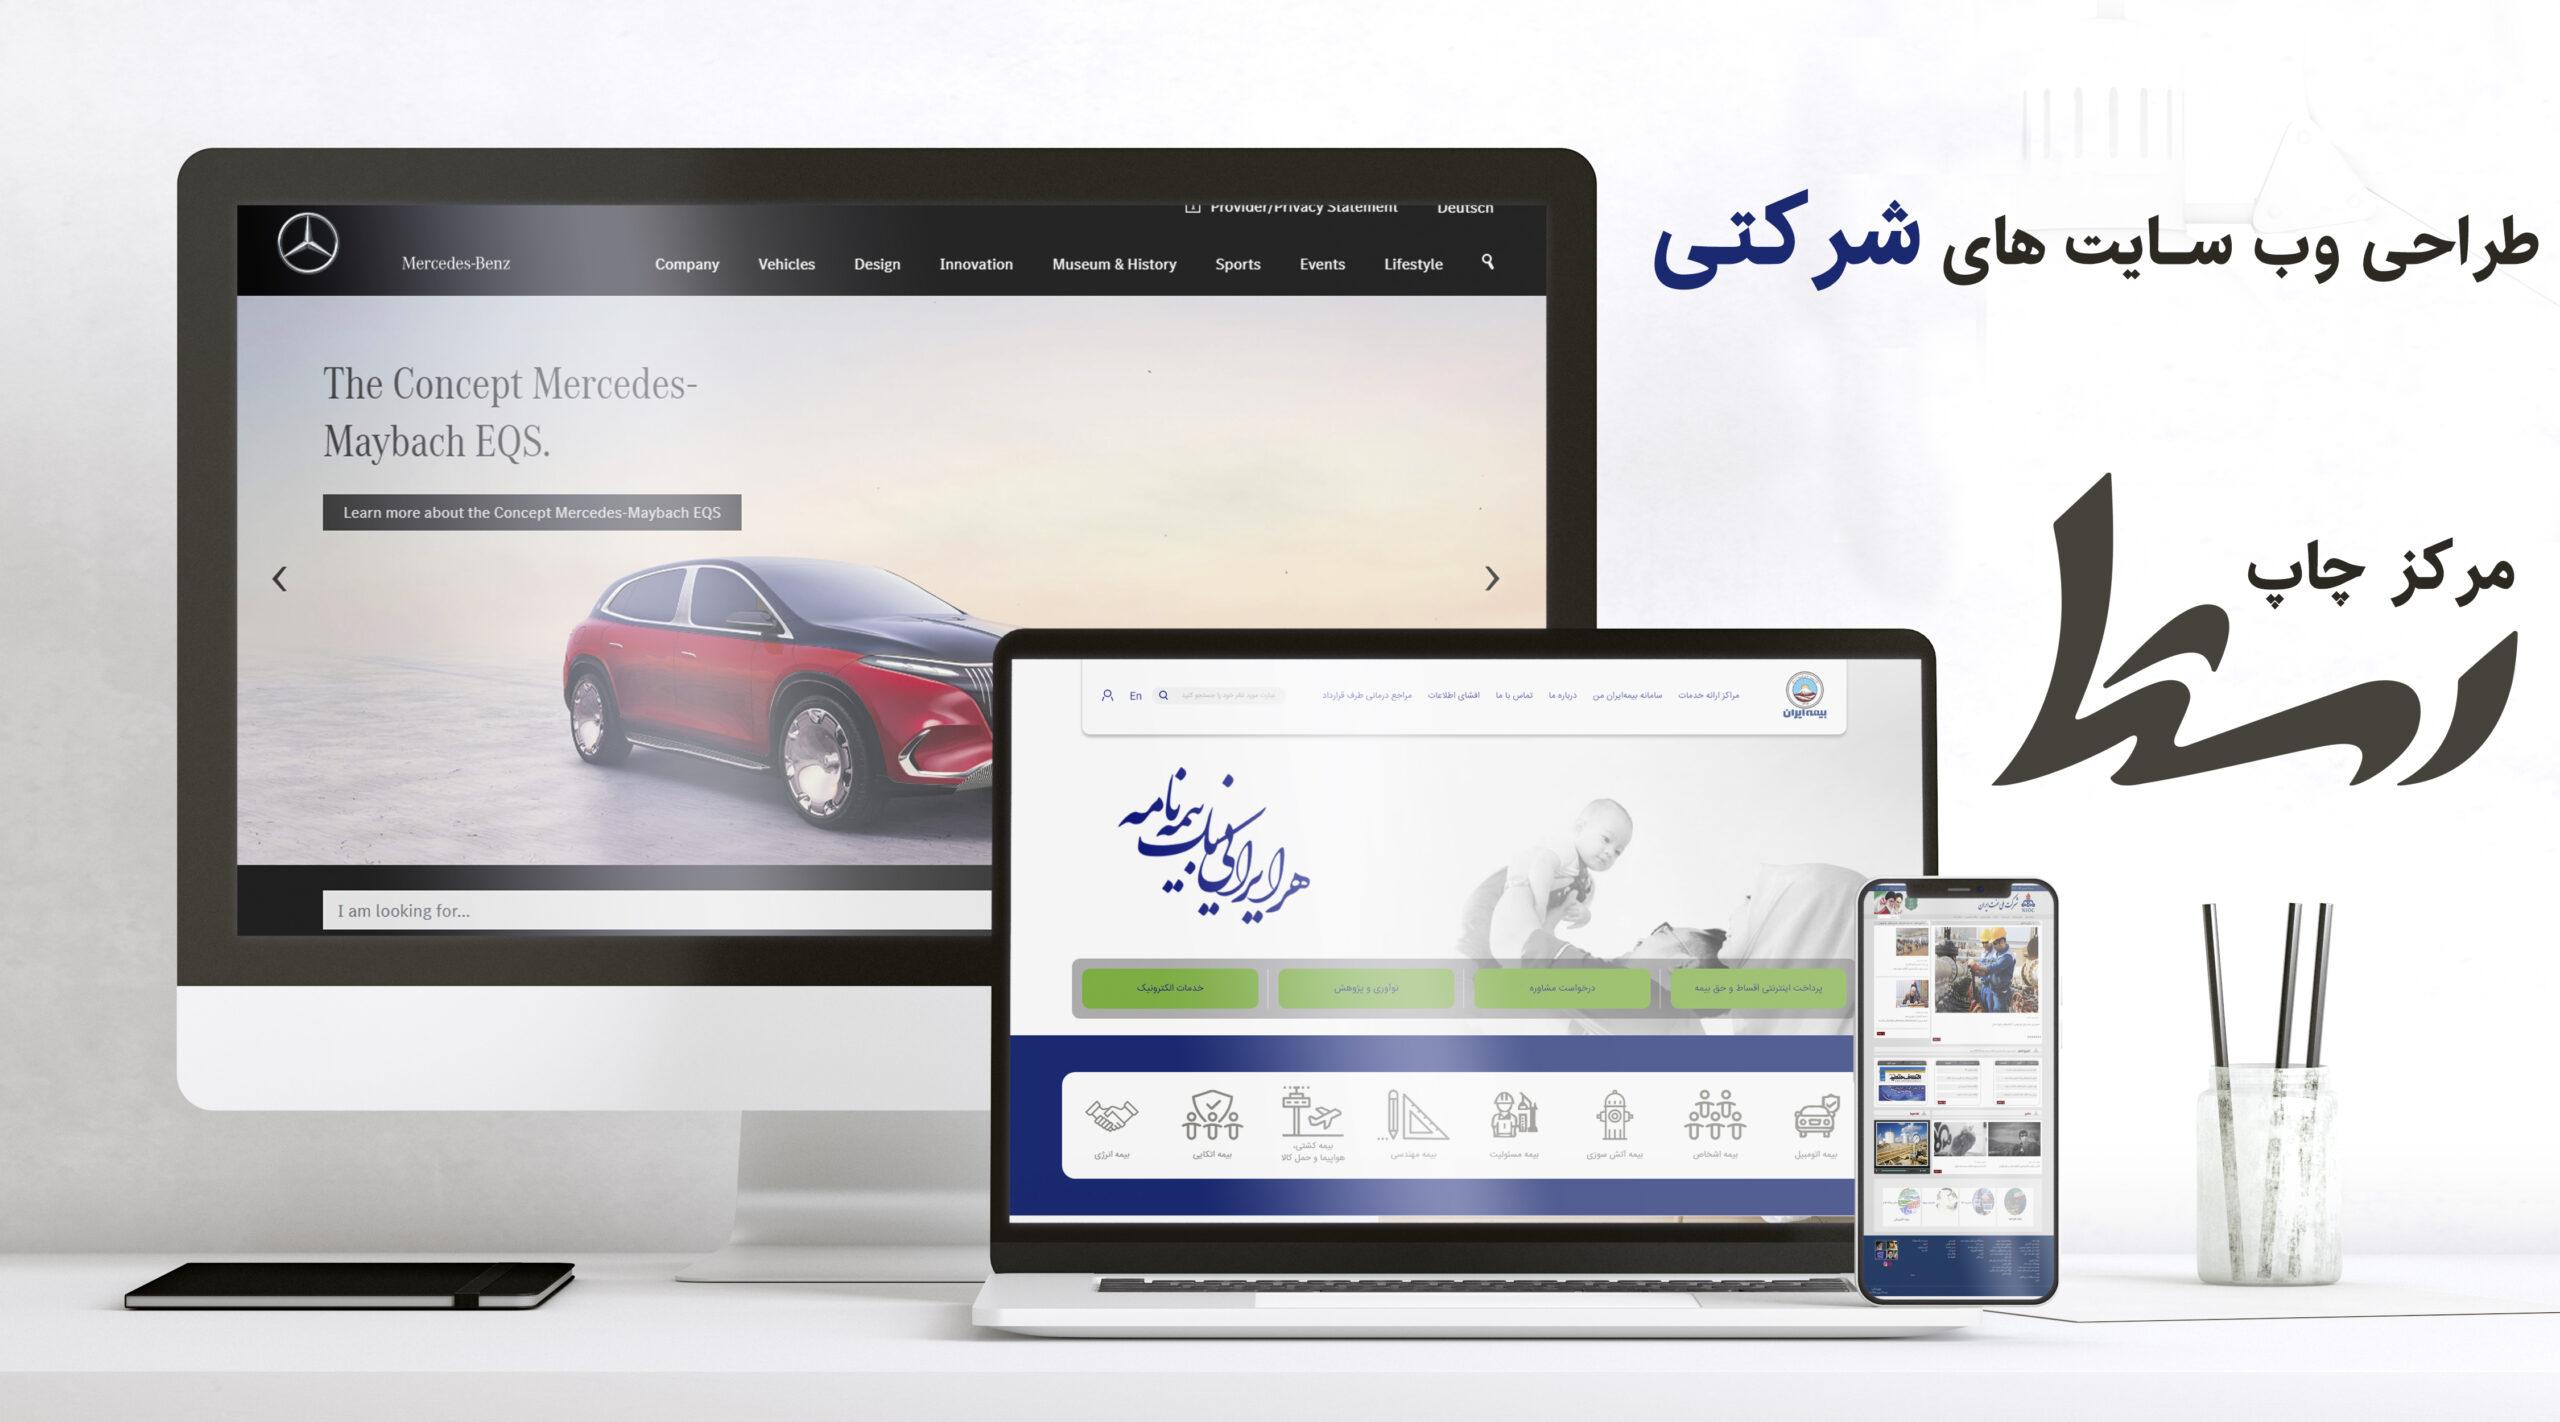 طراحی سایت شرکتی در اسلامشهر|09125409609|